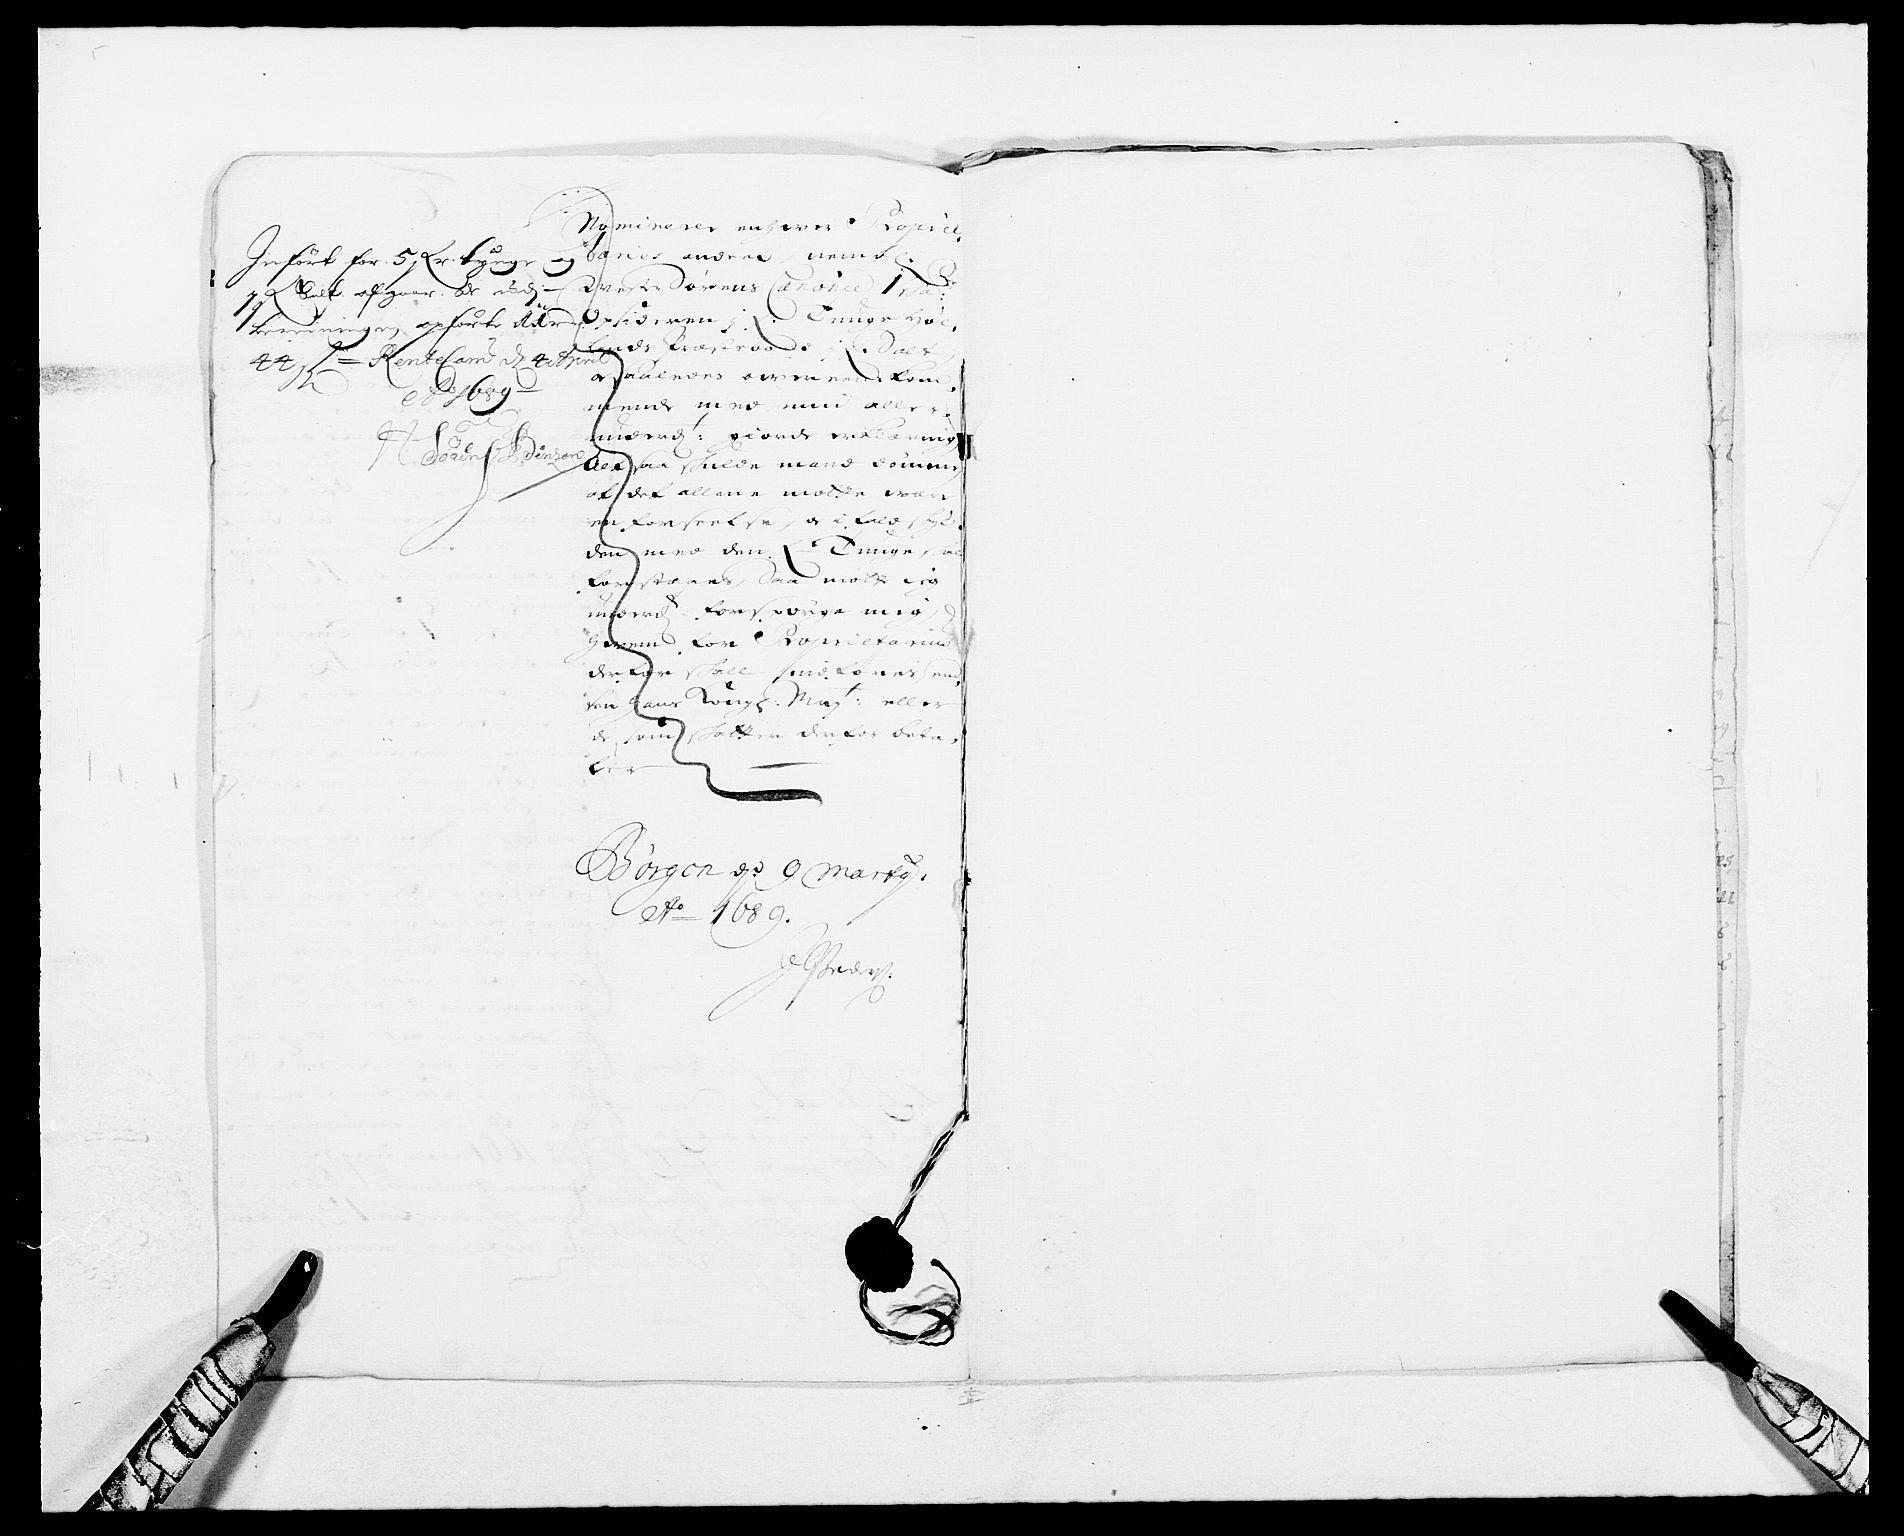 RA, Rentekammeret inntil 1814, Reviderte regnskaper, Fogderegnskap, R11/L0573: Fogderegnskap Nedre Romerike, 1679-1688, s. 148